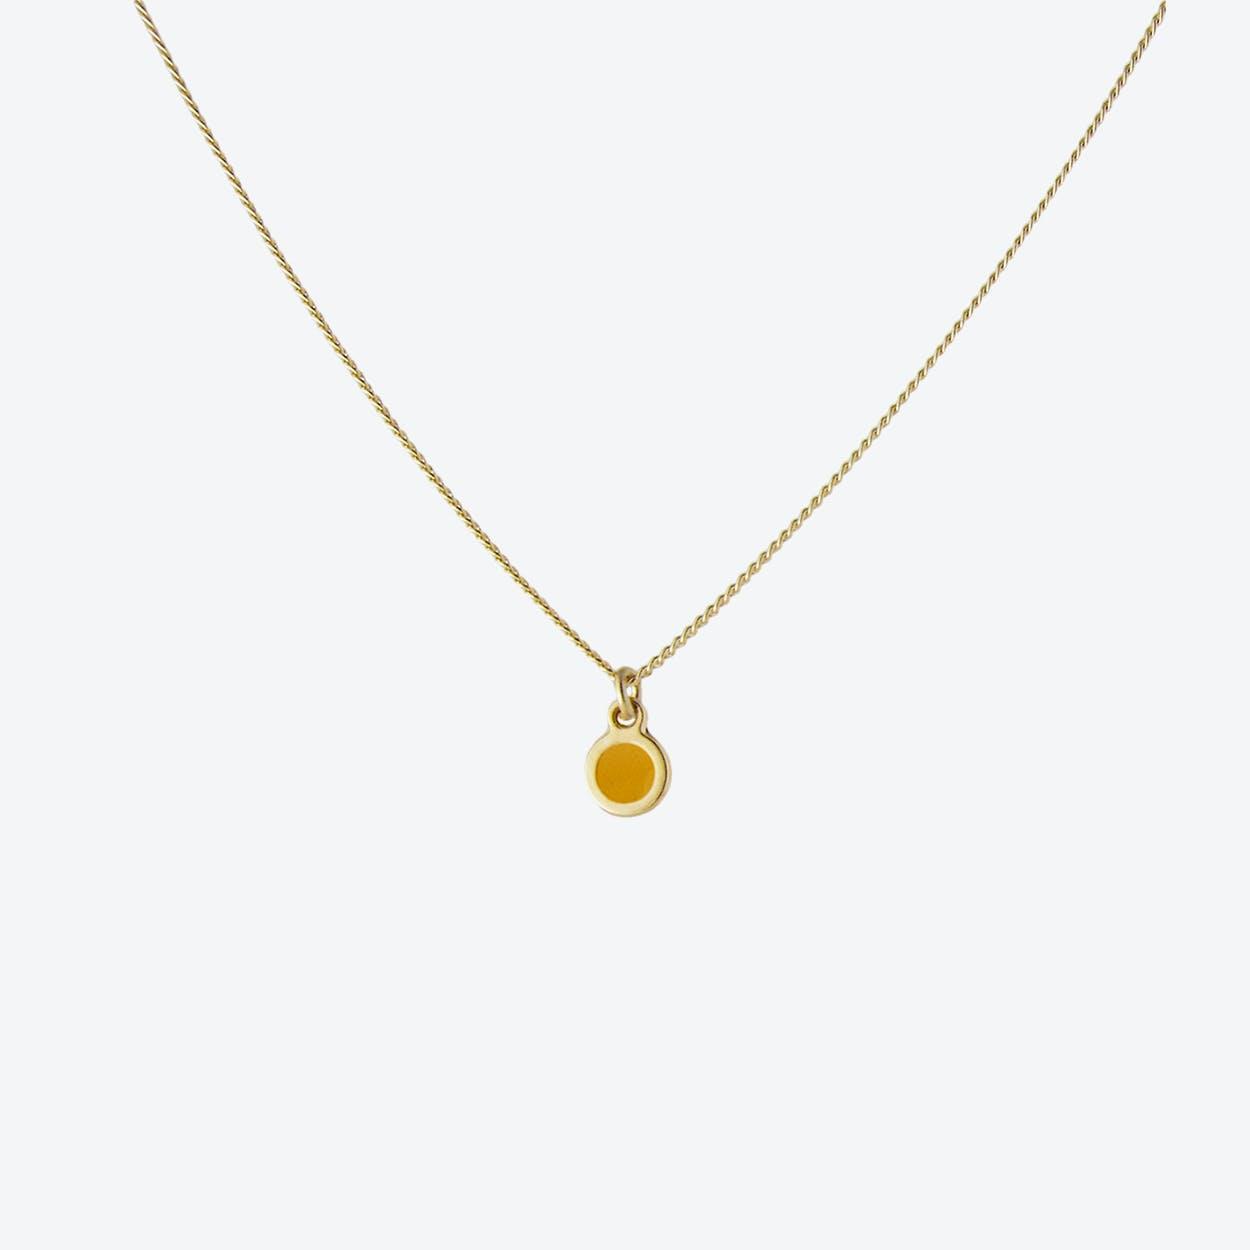 Minimal Dot Necklace - Saffron